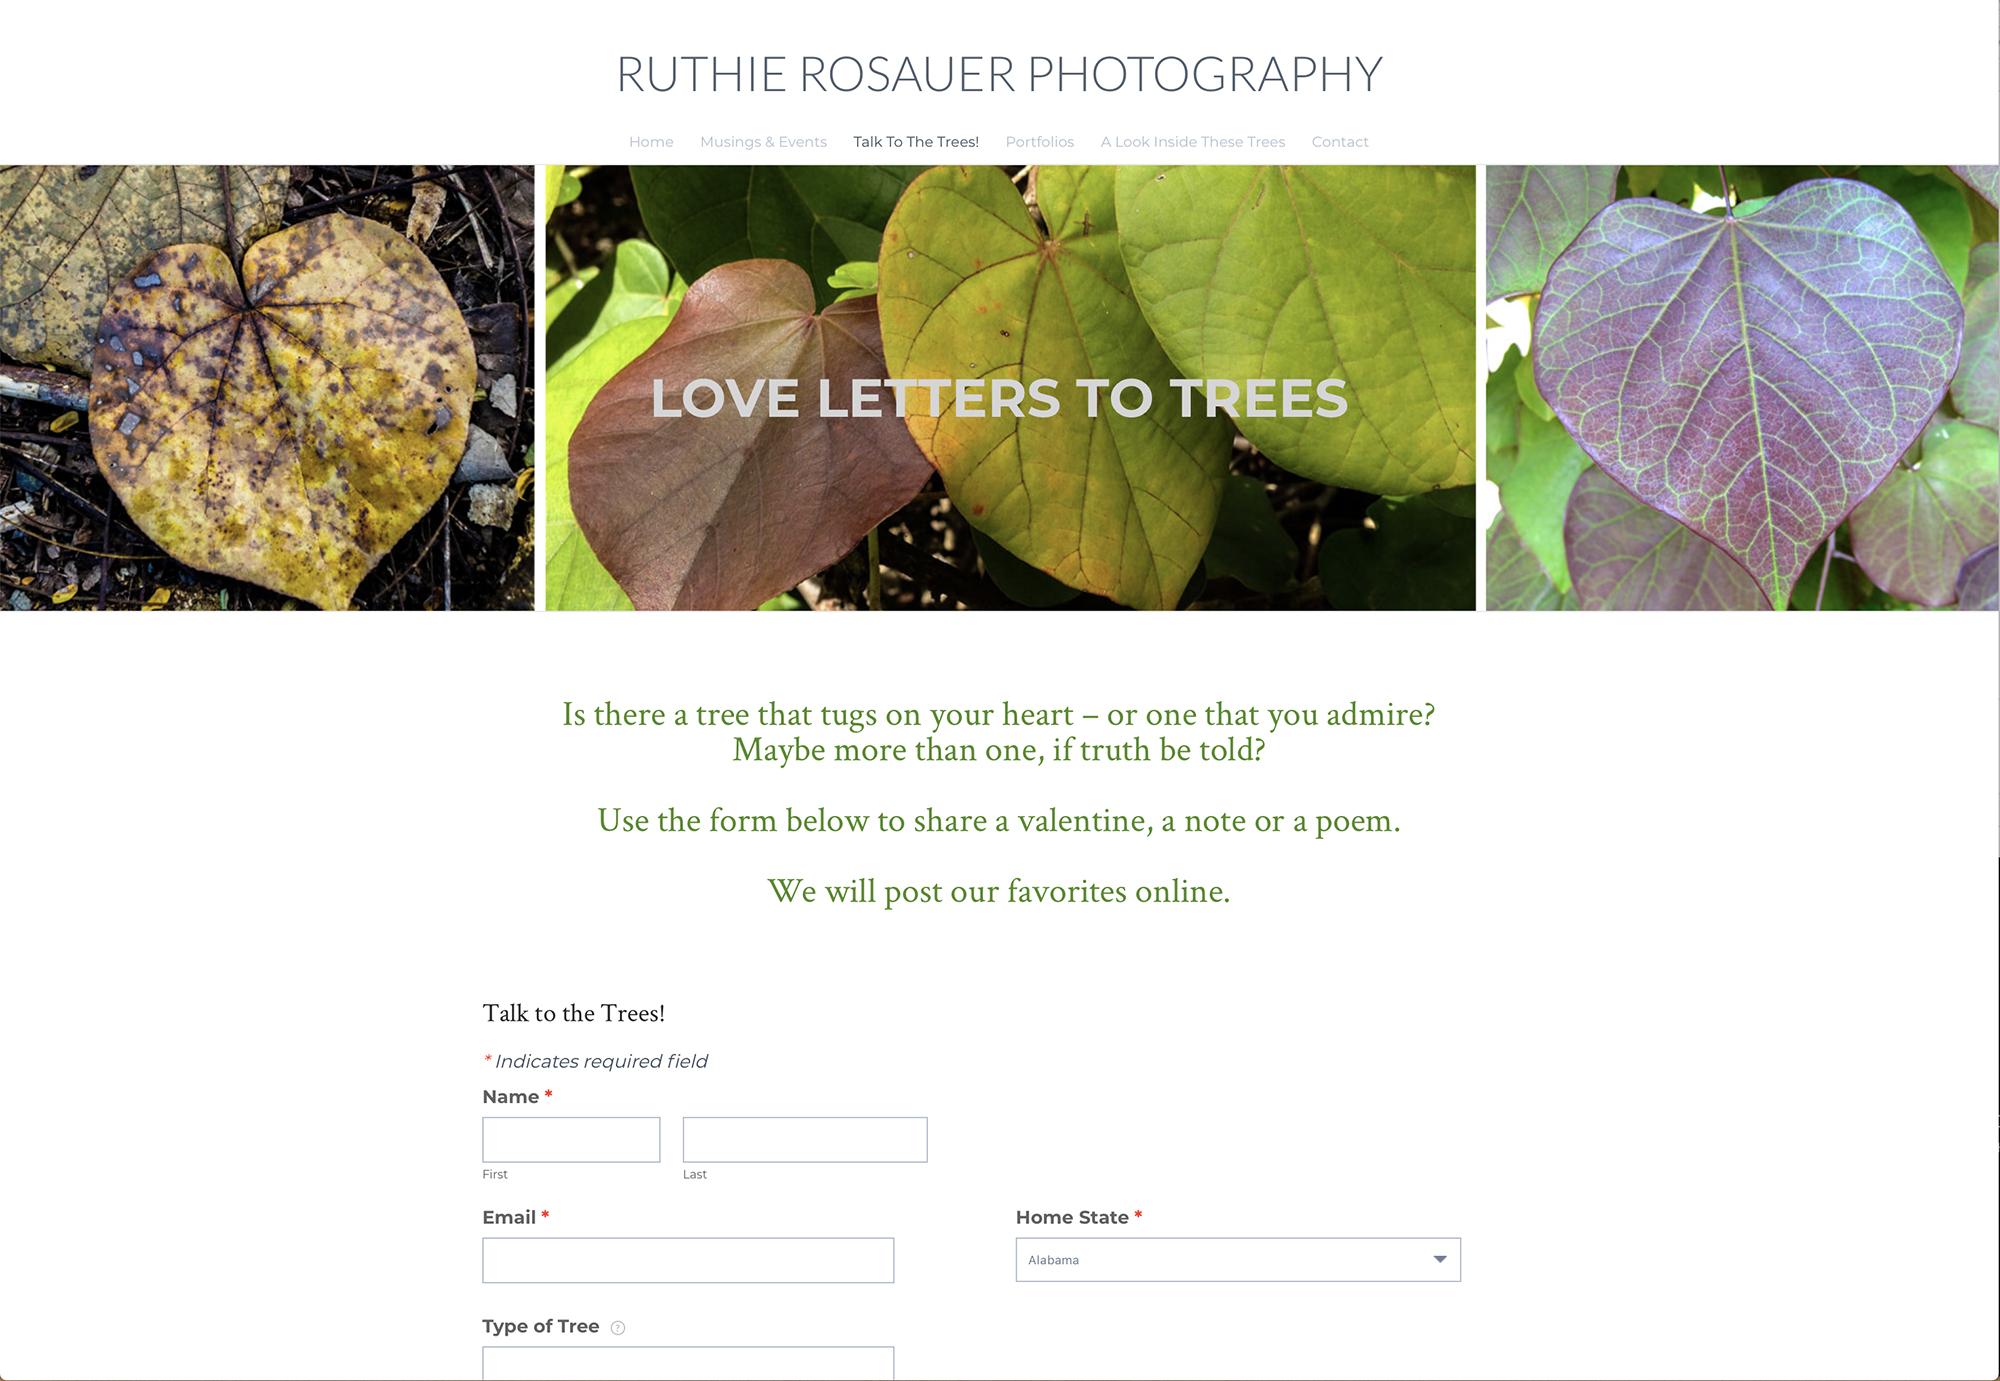 RR Website 02.jpg